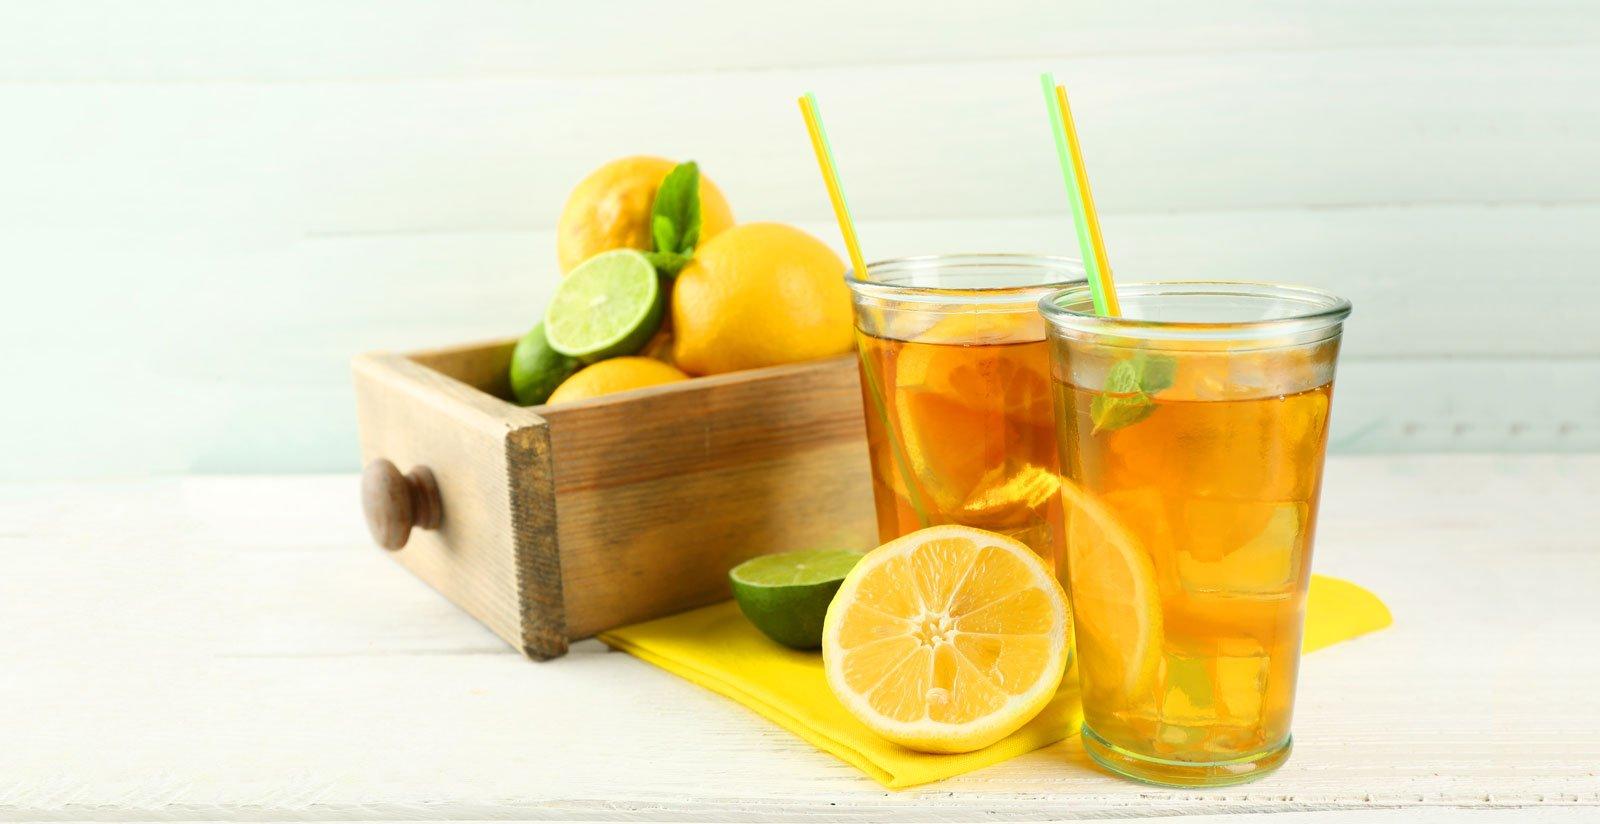 Eistee-Zitrone-im-Glas